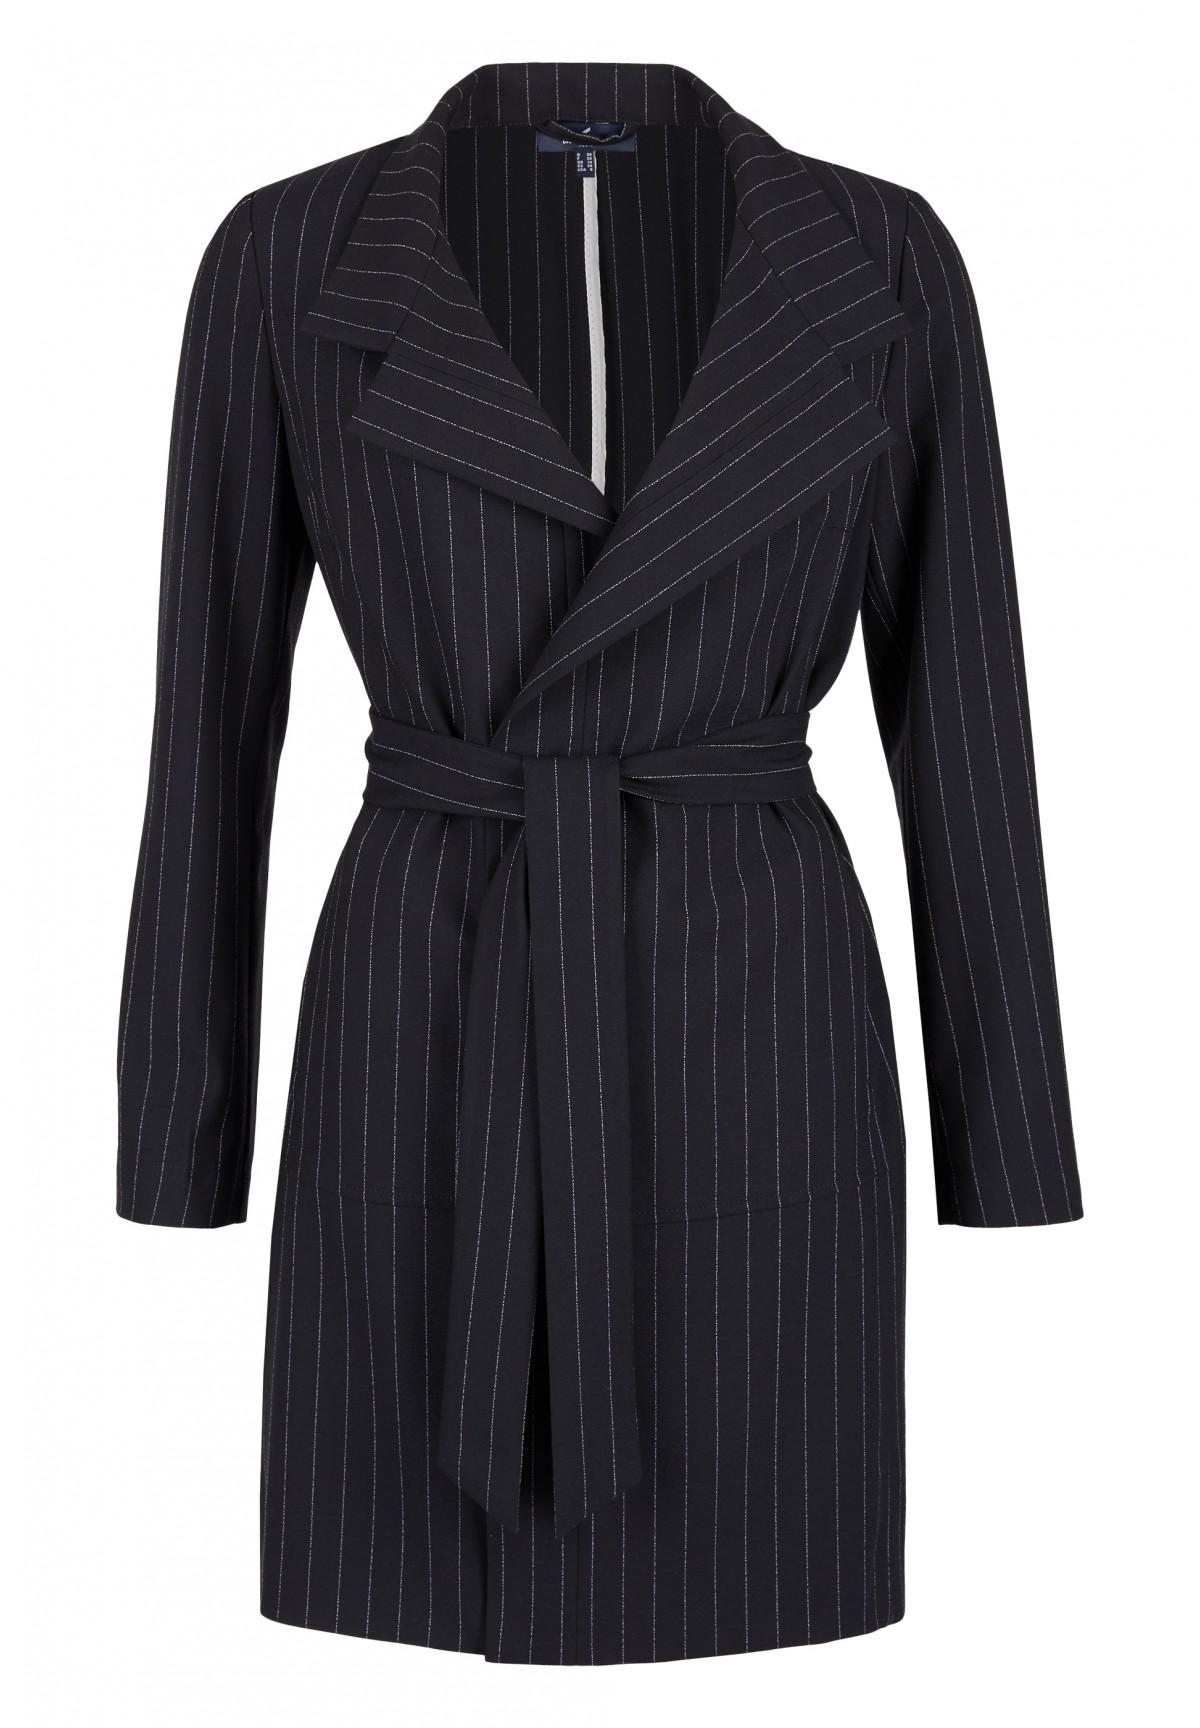 Mantel mit Oversize-Kragen / Mantel